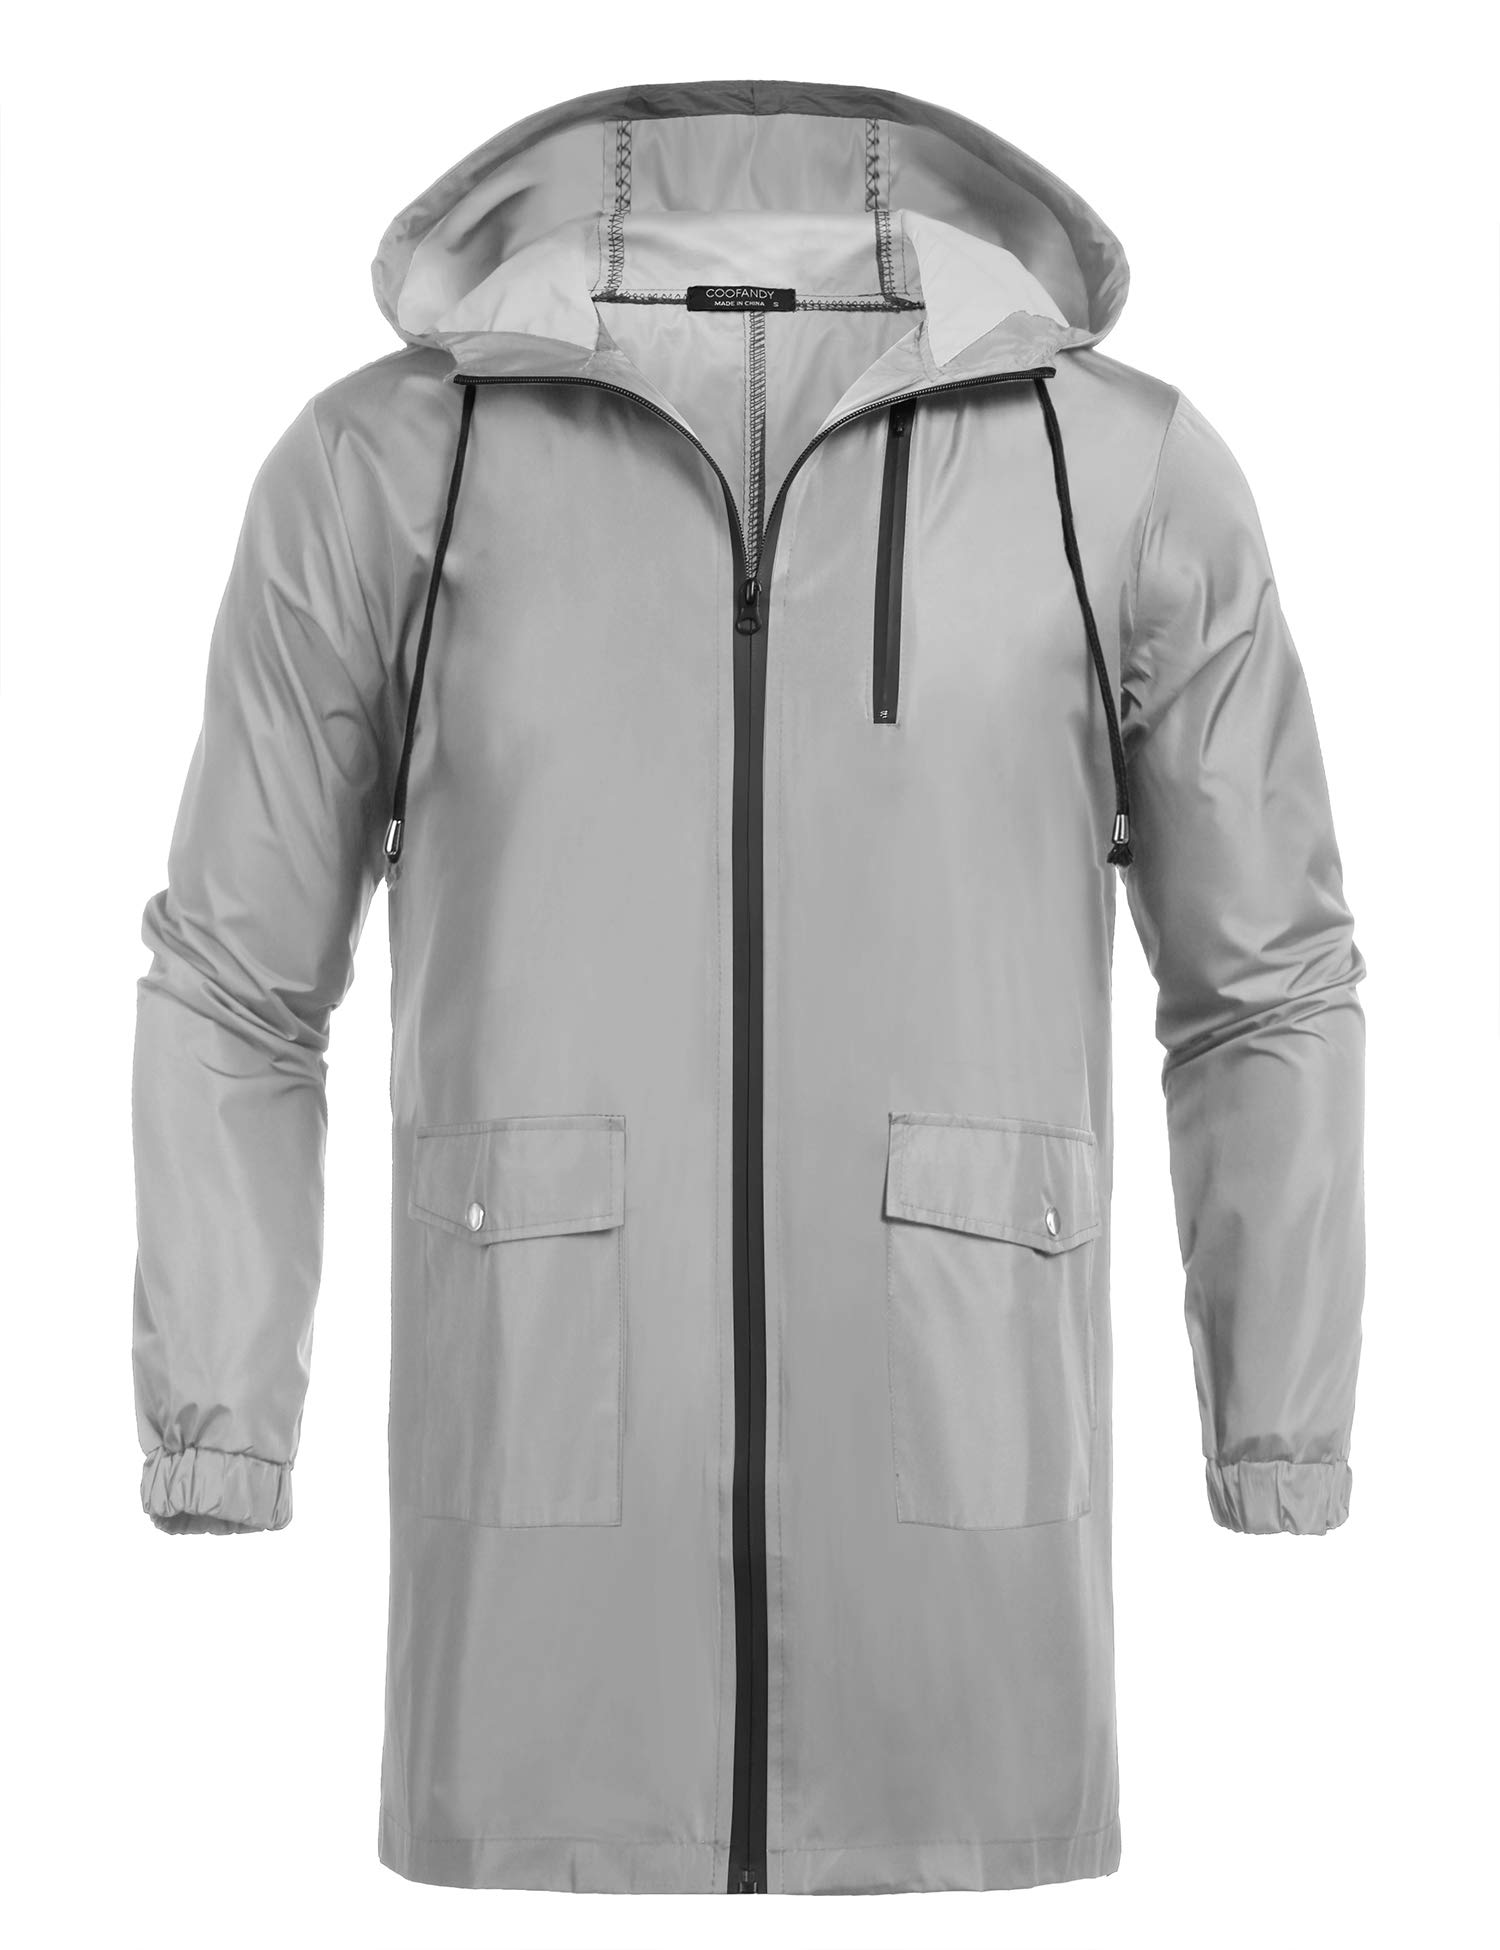 COOFANDY Men's Waterproof Hooded Rain Jacket Lightweight Windproof Active Outdoor Long Raincoat Grey by COOFANDY